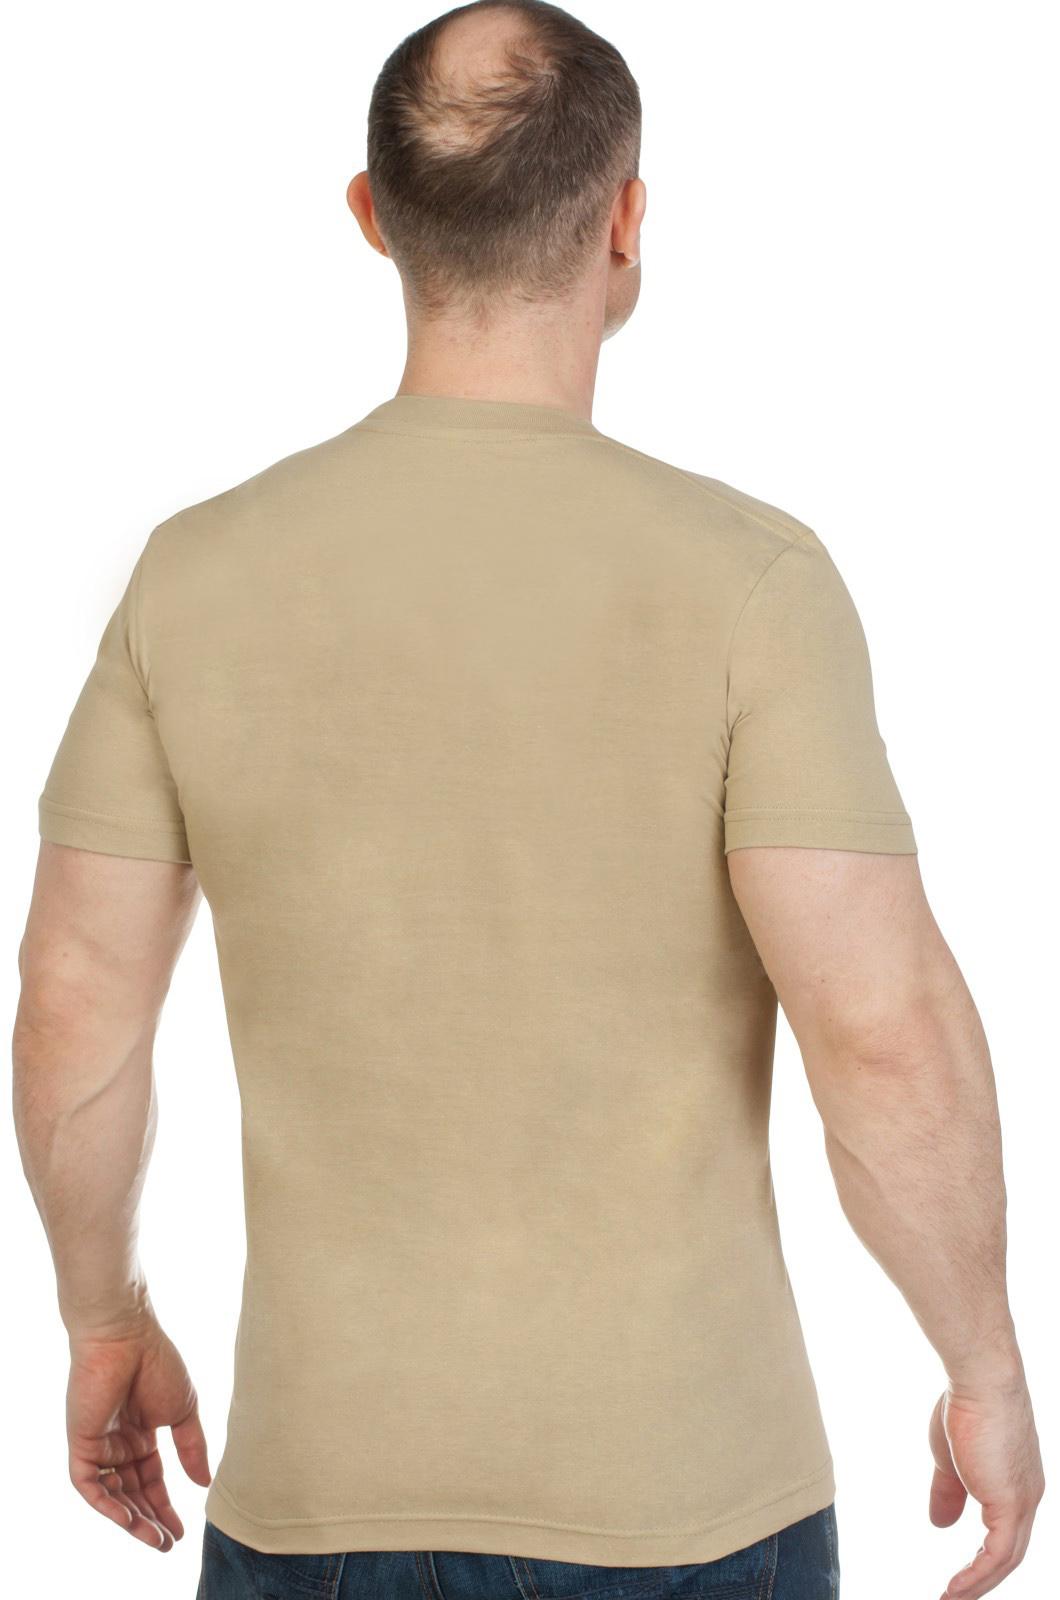 Светлая оригинальная футболка с вышитым полевым шевроном Россия - заказать выгодно